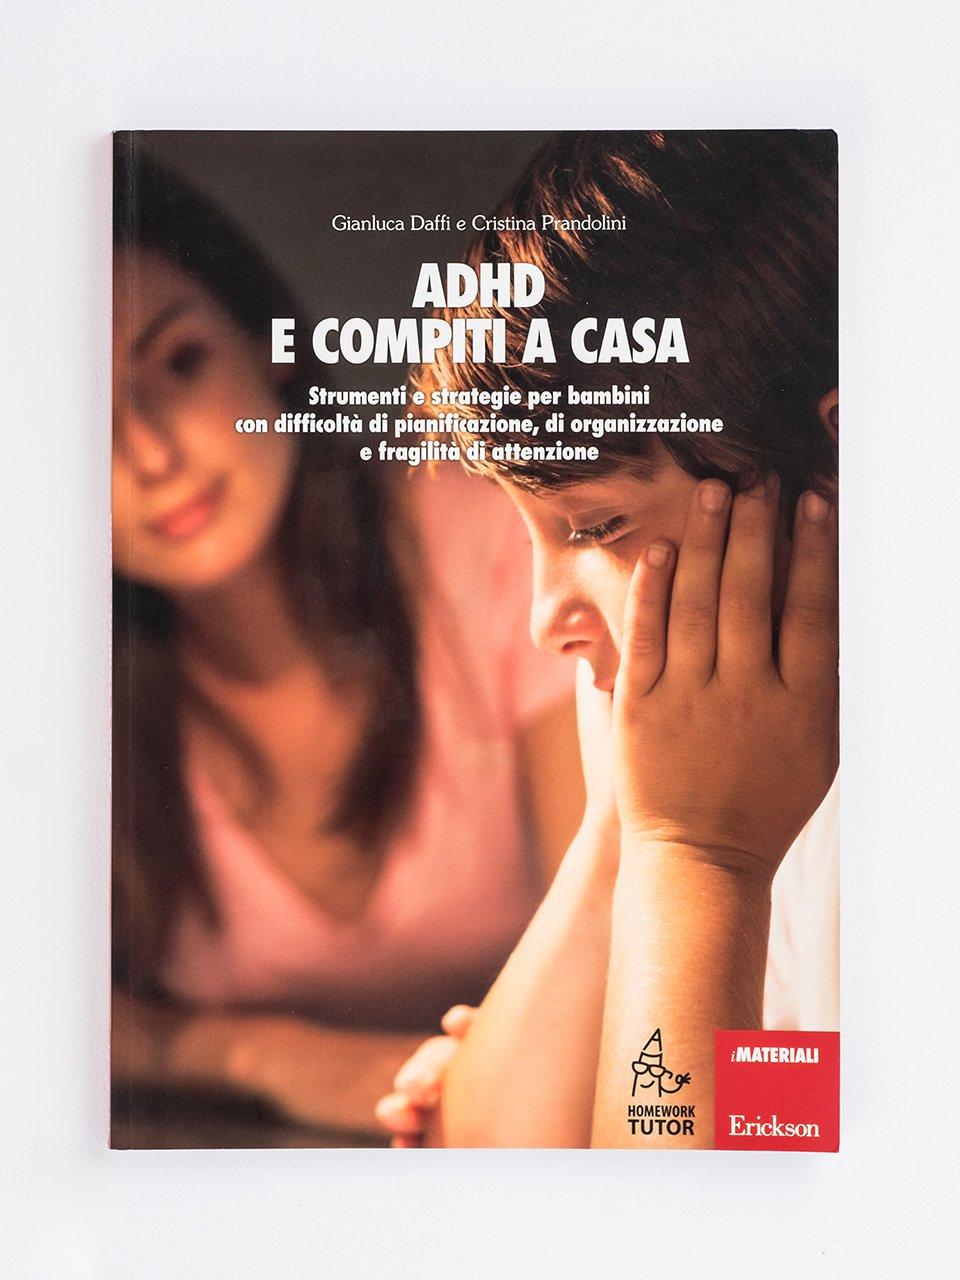 ADHD e compiti a casa - Il bambino con deficit di attenzione/iperattività - Libri - Erickson